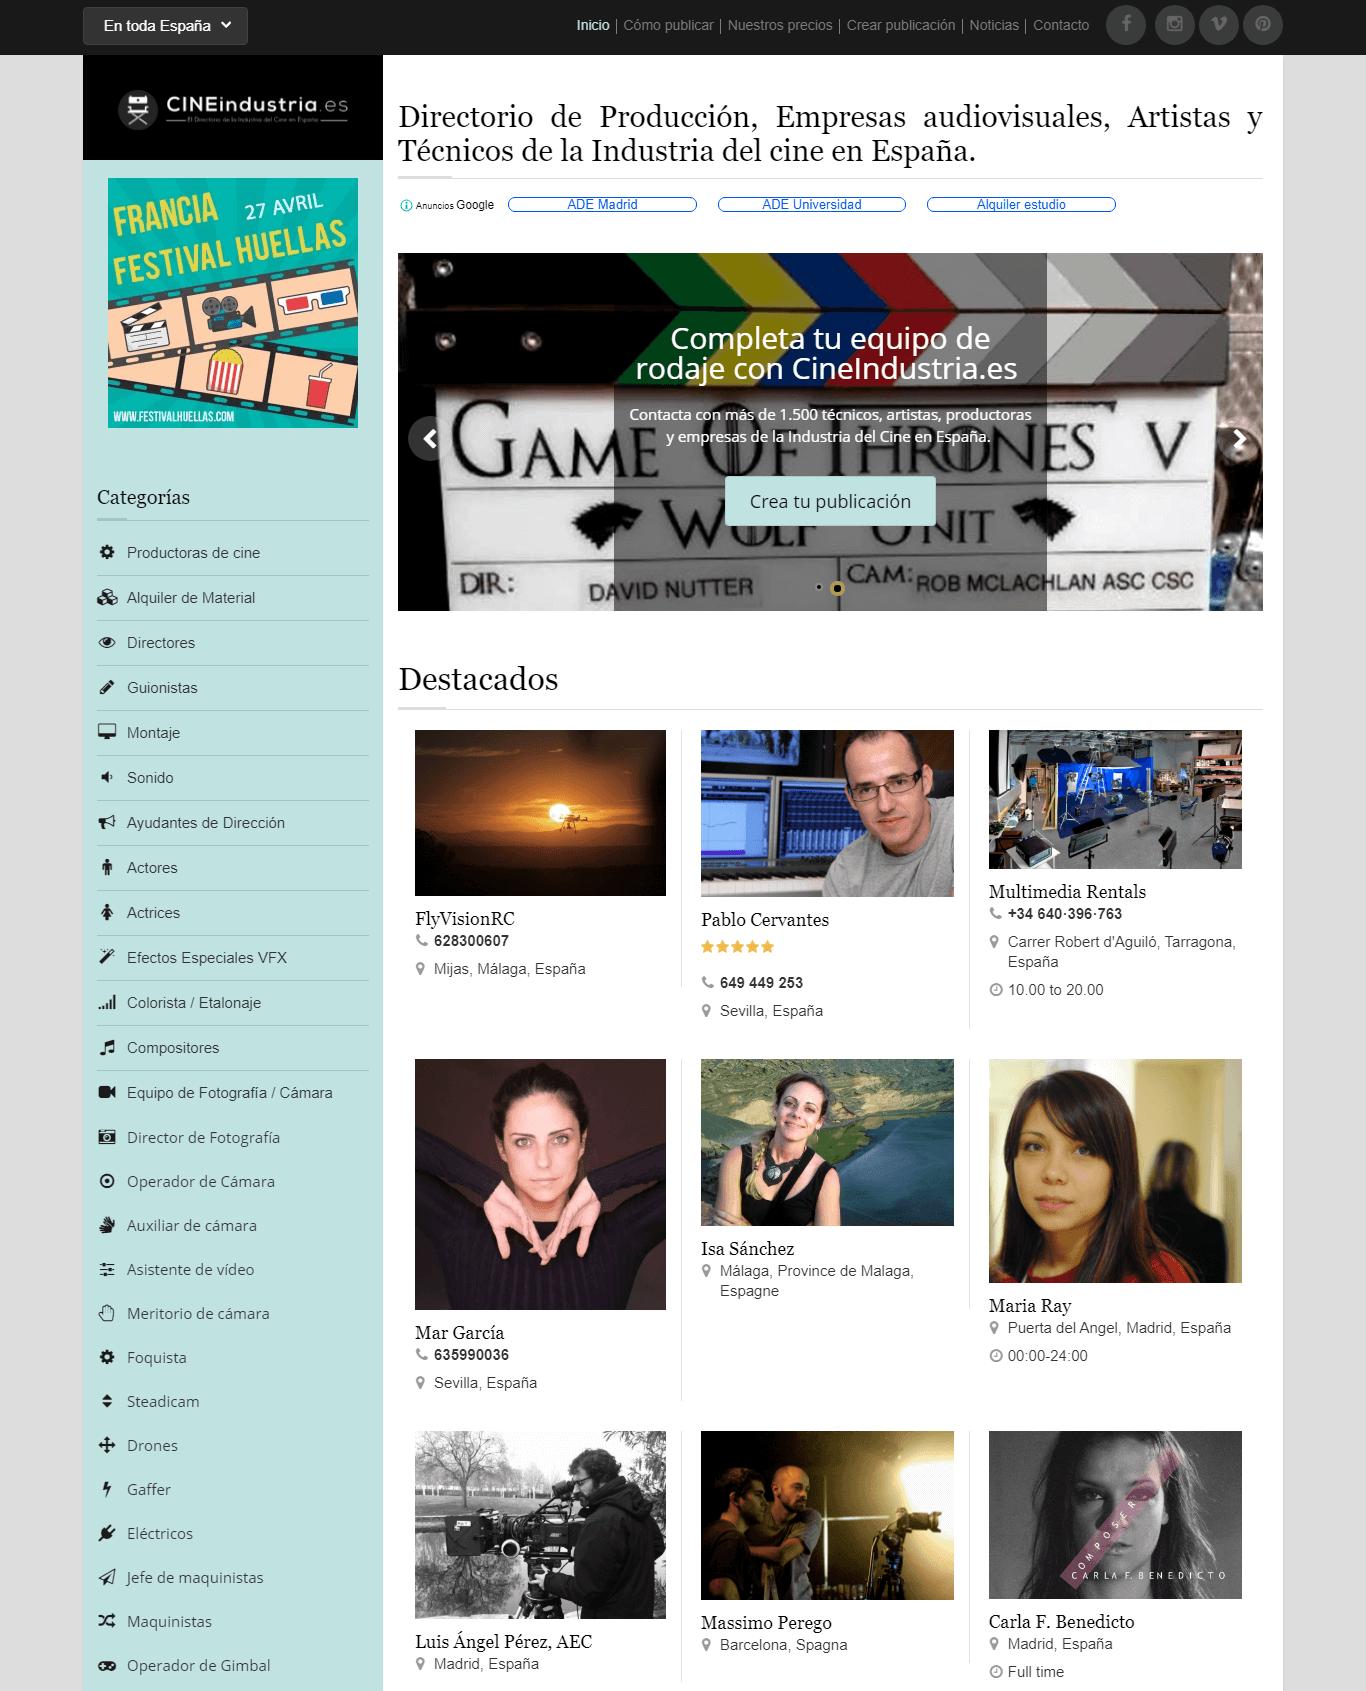 Cine industry directory website